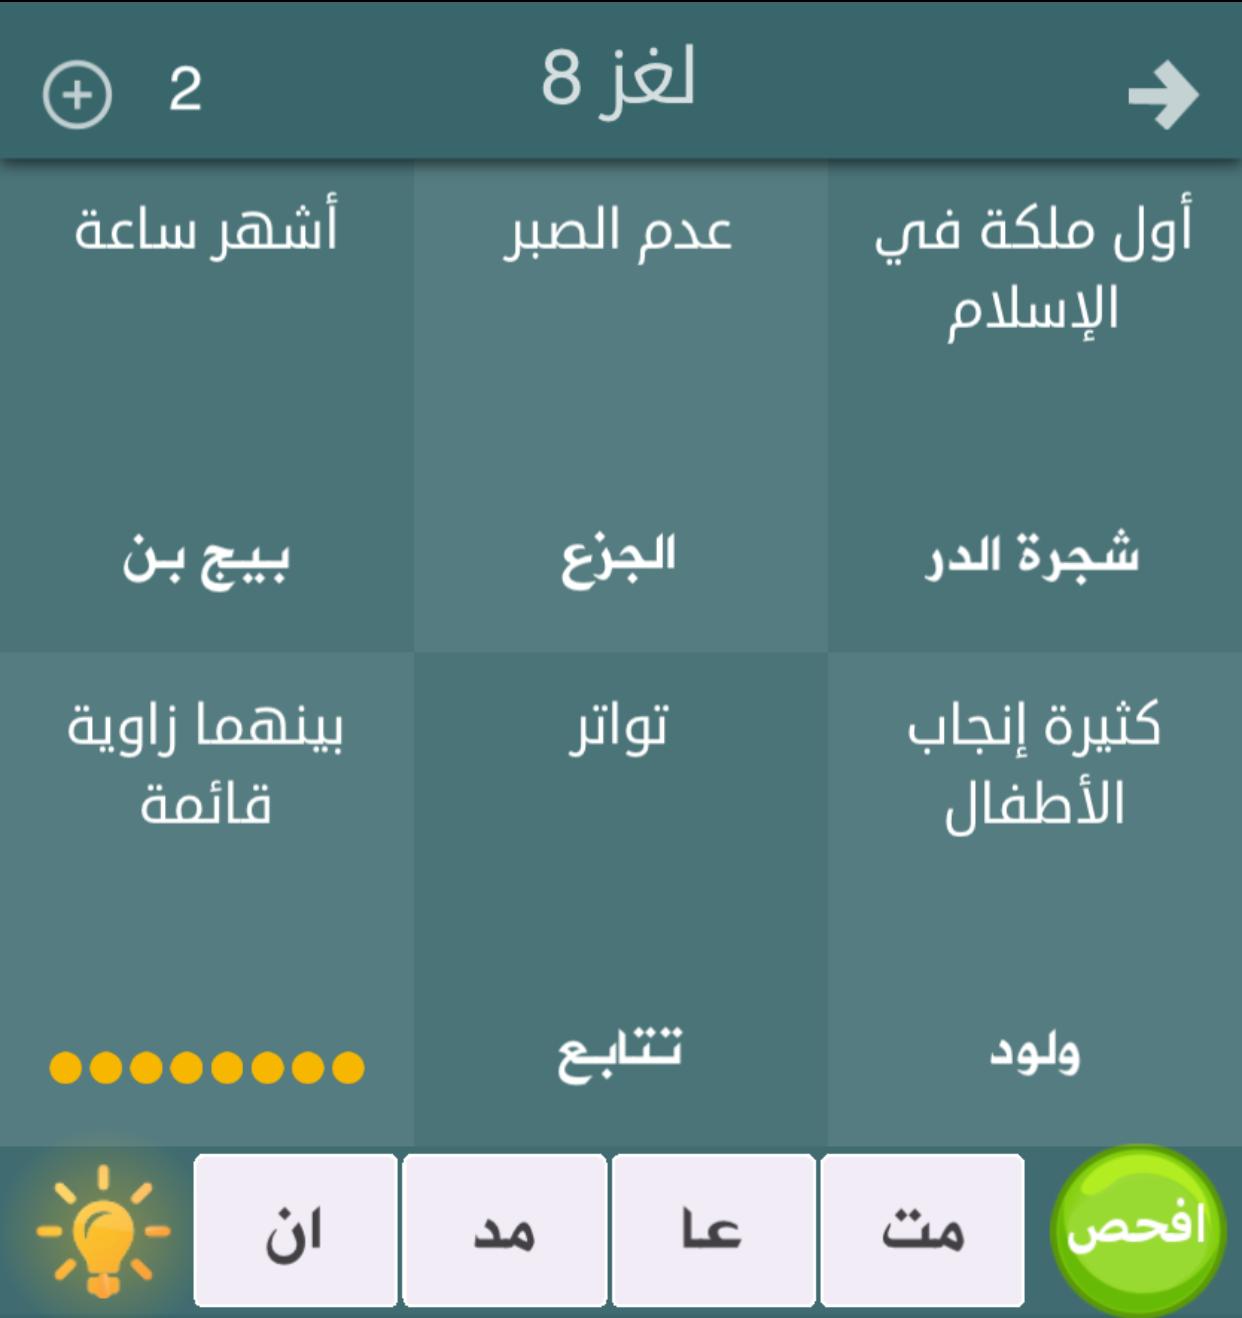 حل لعبة فطحل العرب لعبة معلومات عامة المجموعة الاولى لغز